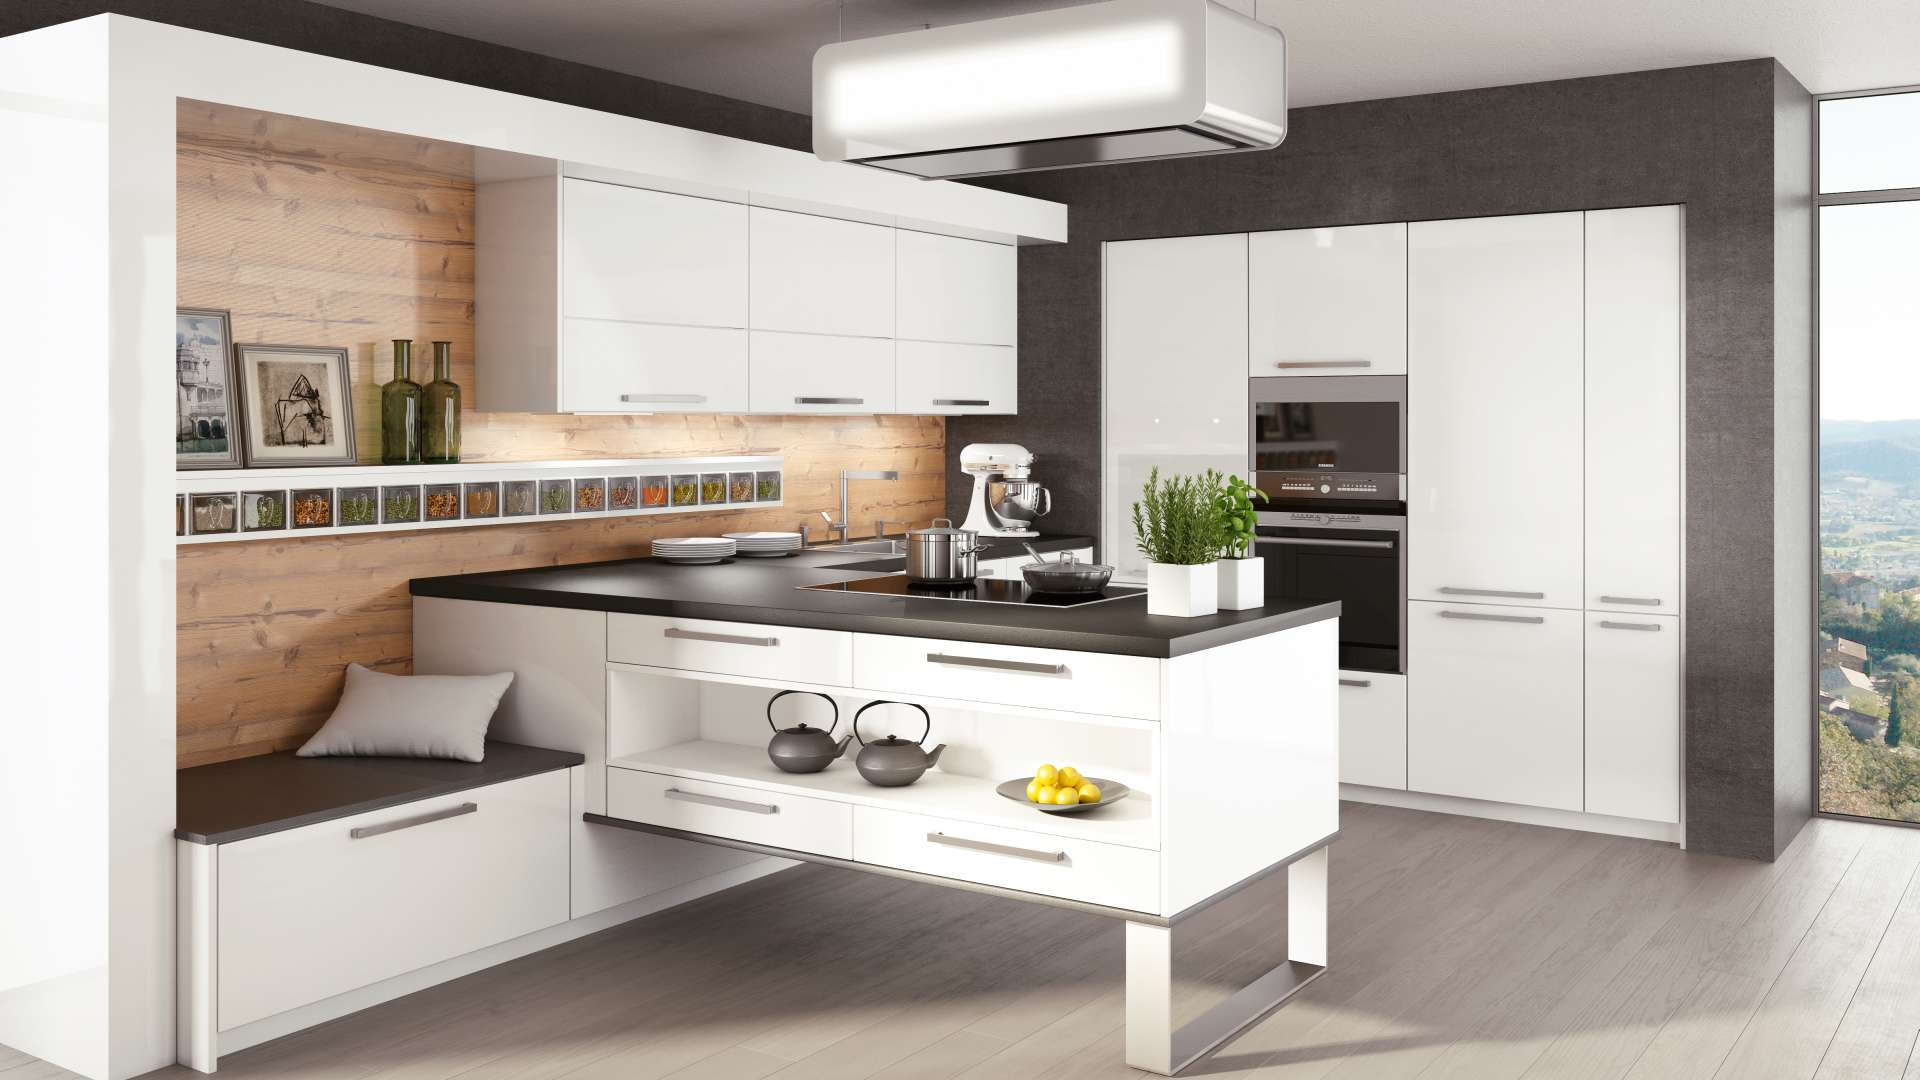 DAN Küchen bei Miele Center Markant Küchenstudio Dornbirn